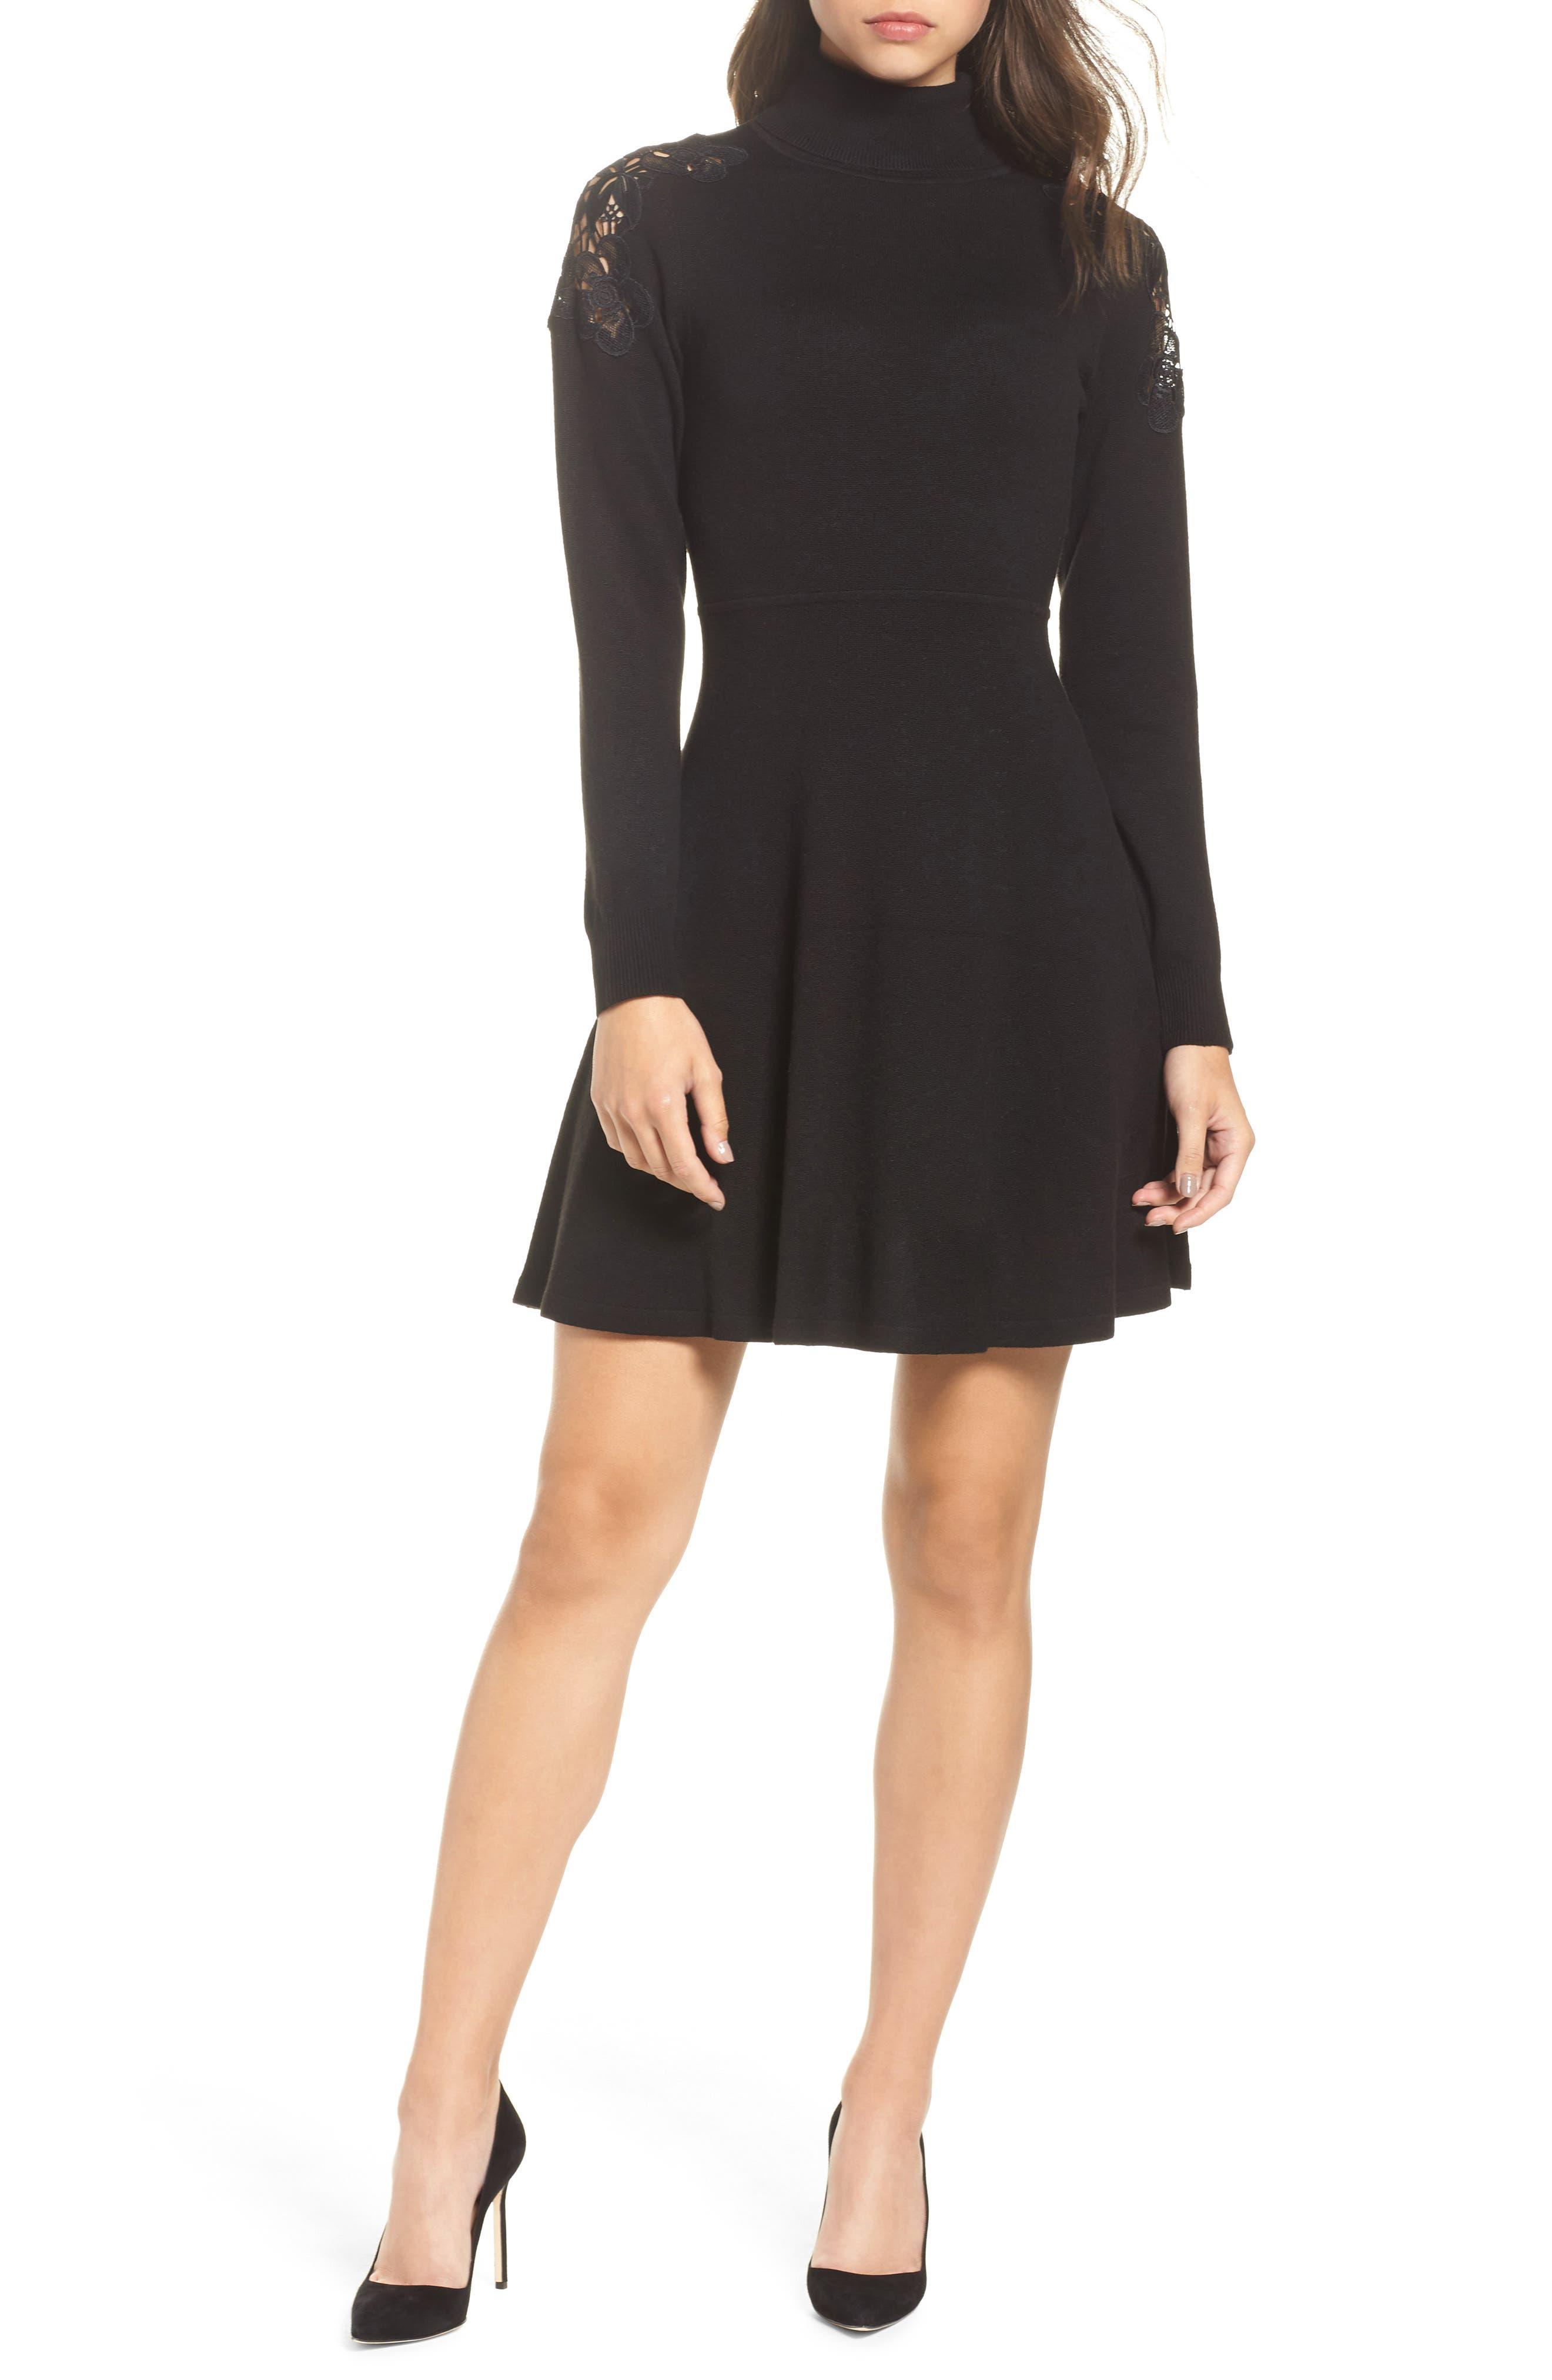 Alternate Image 1 Selected - Eliza J Lace Shoulder Turtleneck Sweater Dress